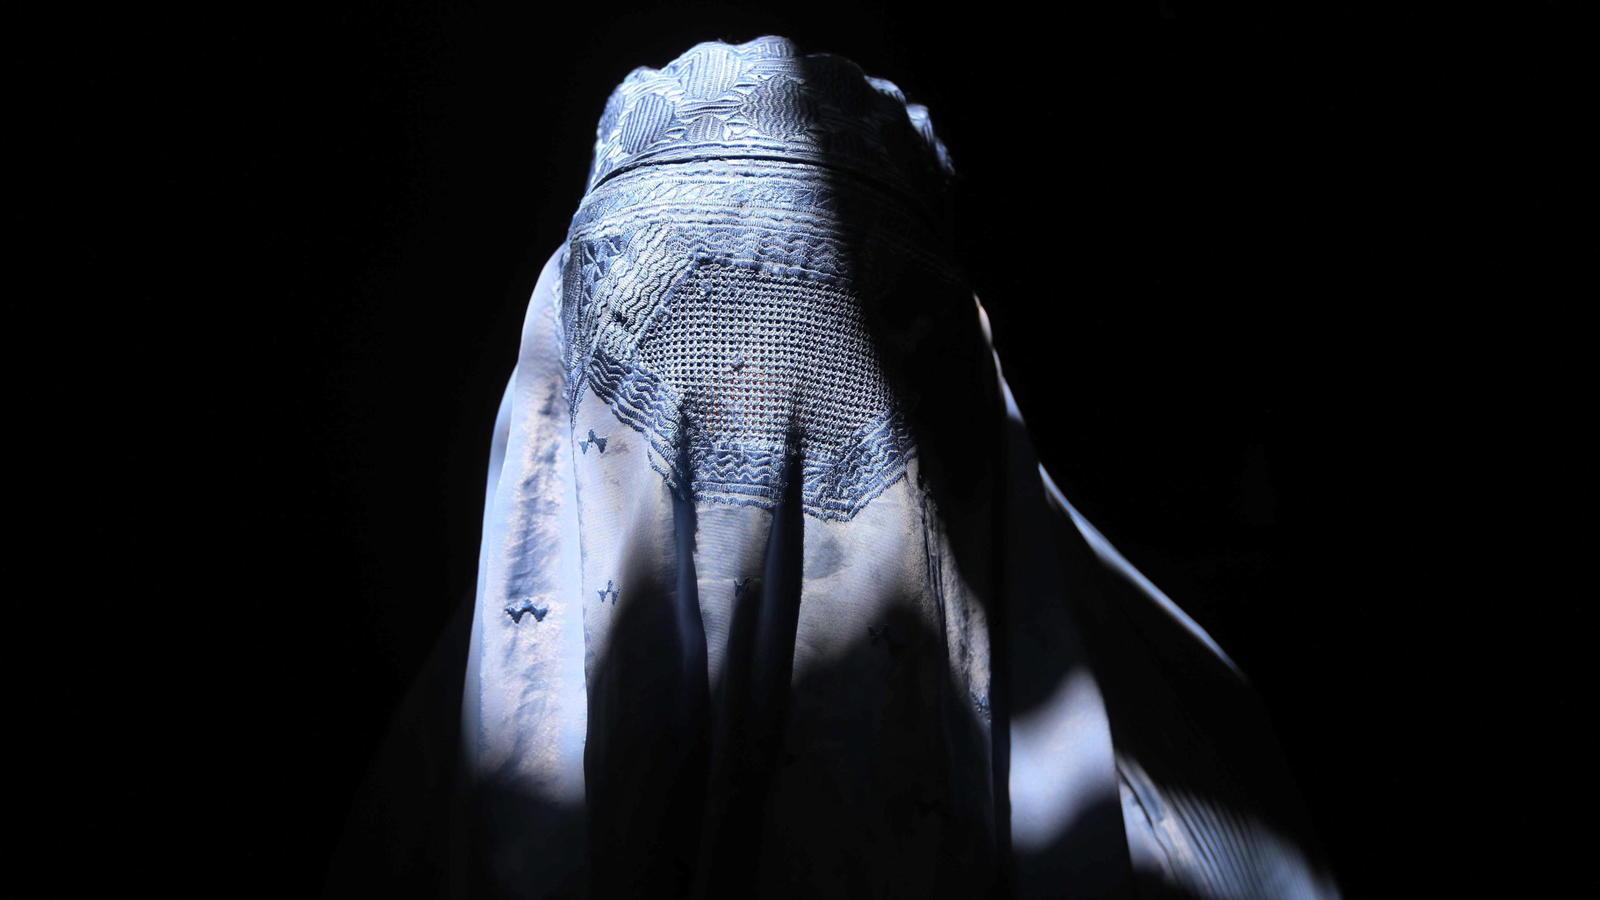 Das Tragen einer Burka oder eines anderen Gesichtsschleiers ist ab dem 1. Oktober in Österreich verboten.